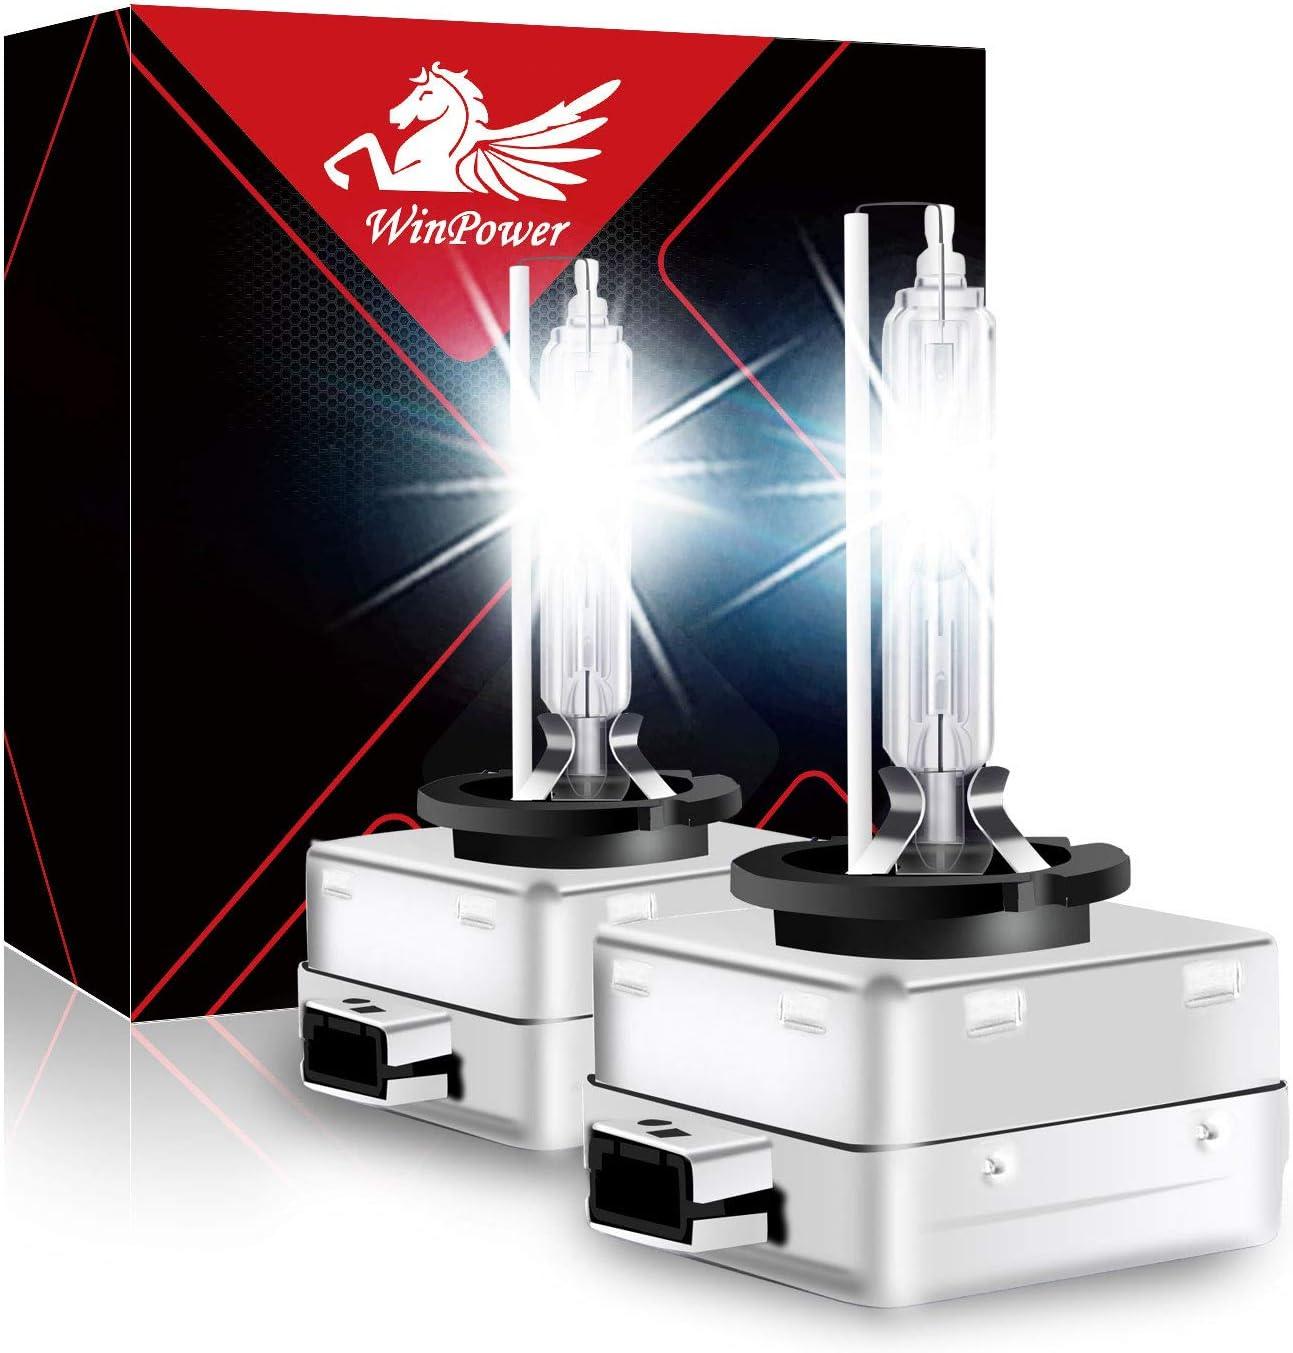 Winpower D1s Bi Xenon Brenner 35w Hid Scheinwerfer Biren Entladungslampe Set 12v 6000k Diamond Weiß Mehr Licht Extreme Vision Headlight Lampe 24v 2 Stücke Auto